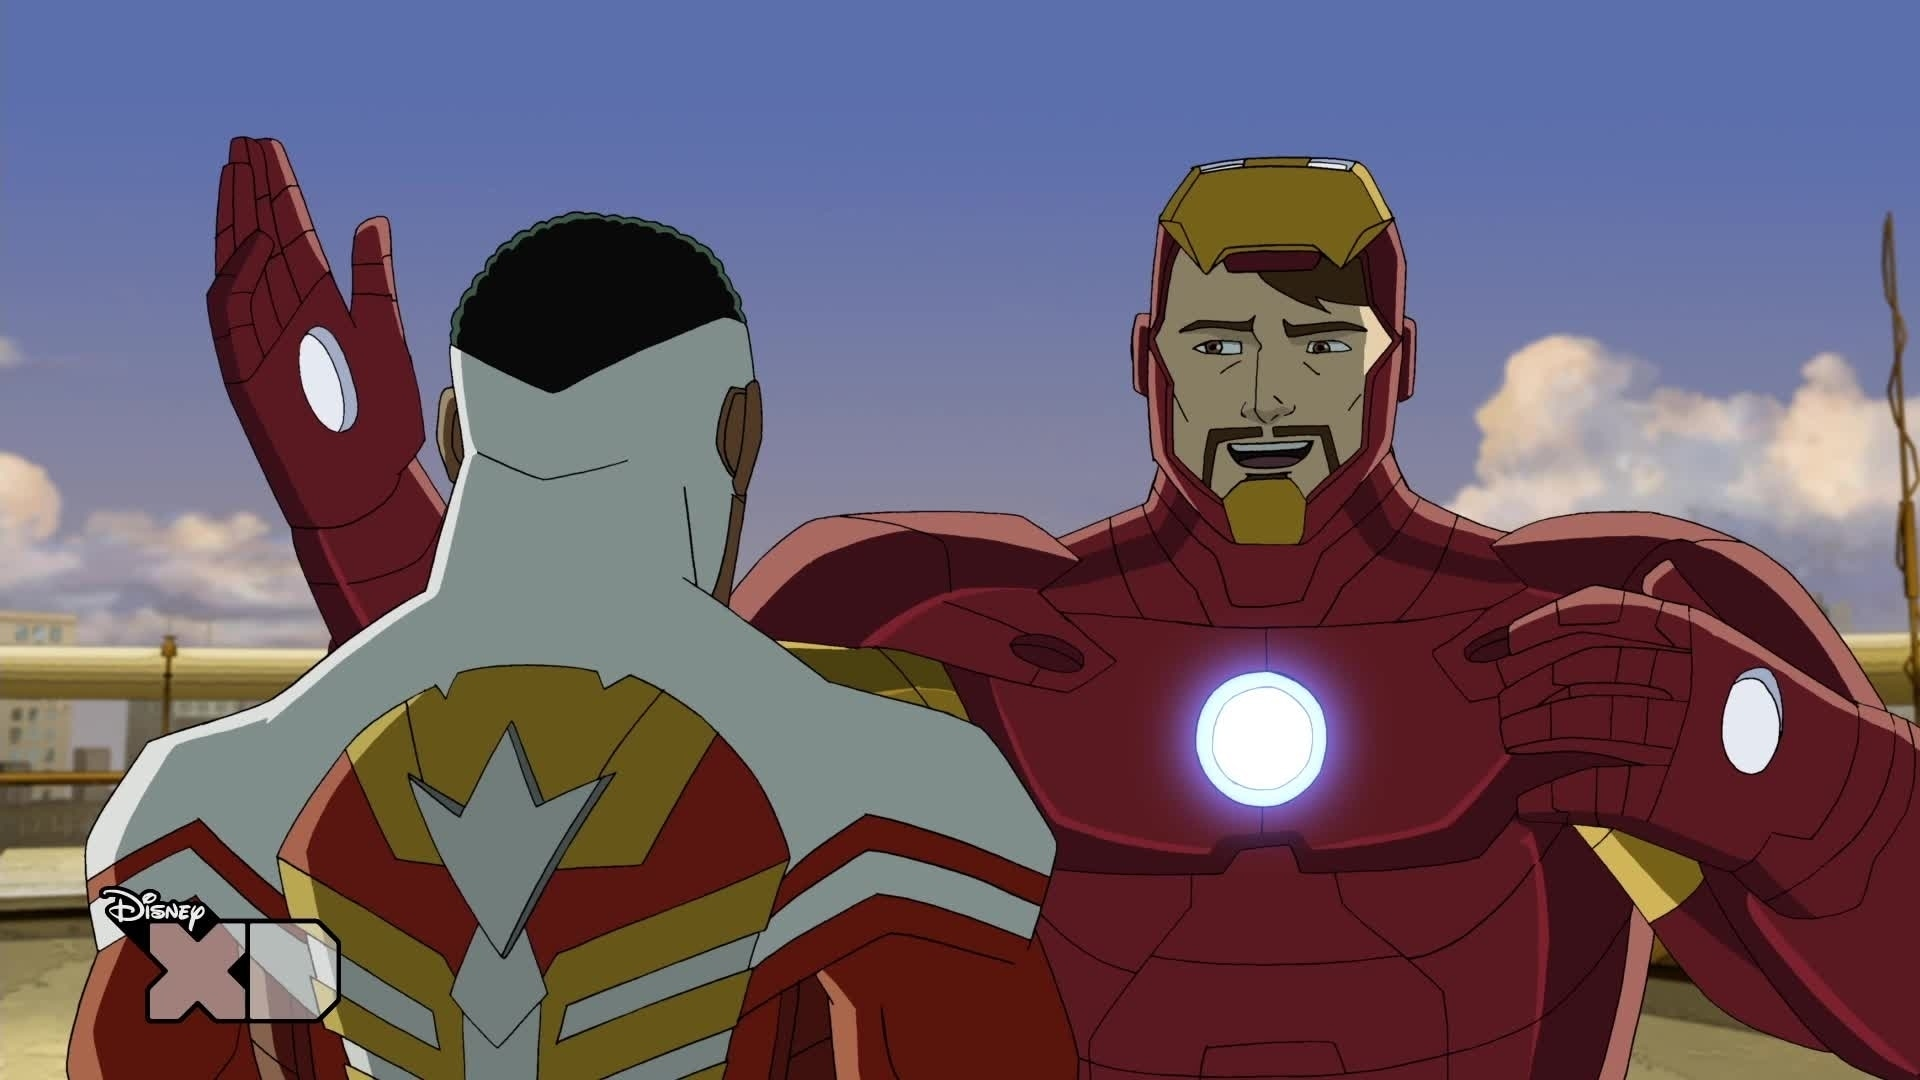 Marvel Avengers Rassemblement - Saison 1 Épisode 3 - Premières minutes